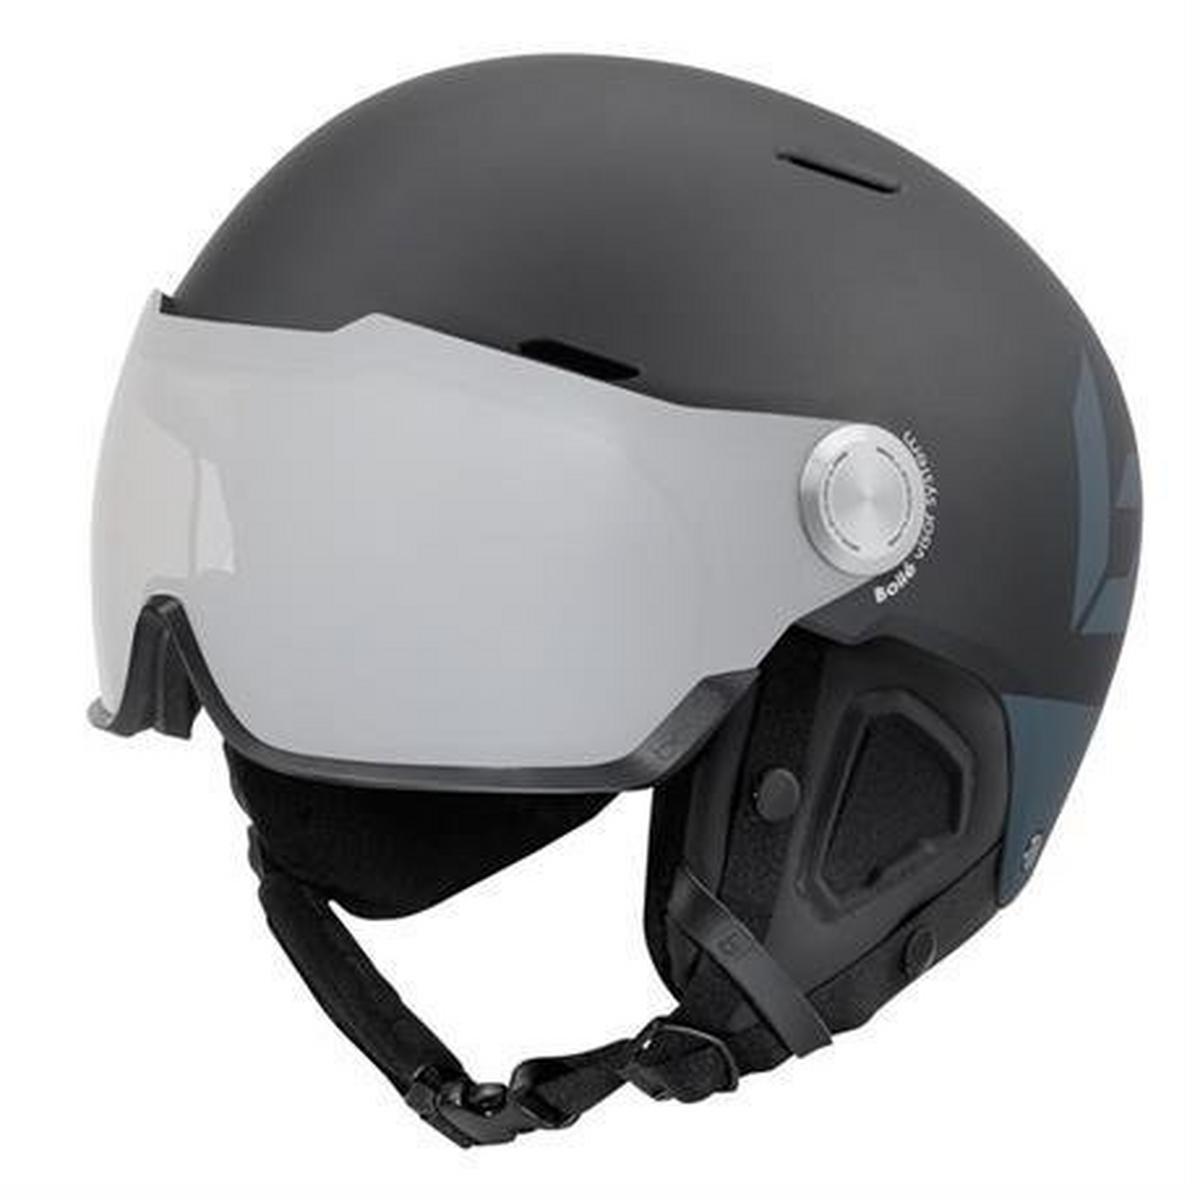 Bolle Ski Helmet Might Visor Premium Photochromic Cat 1-2 Matte Black Grey